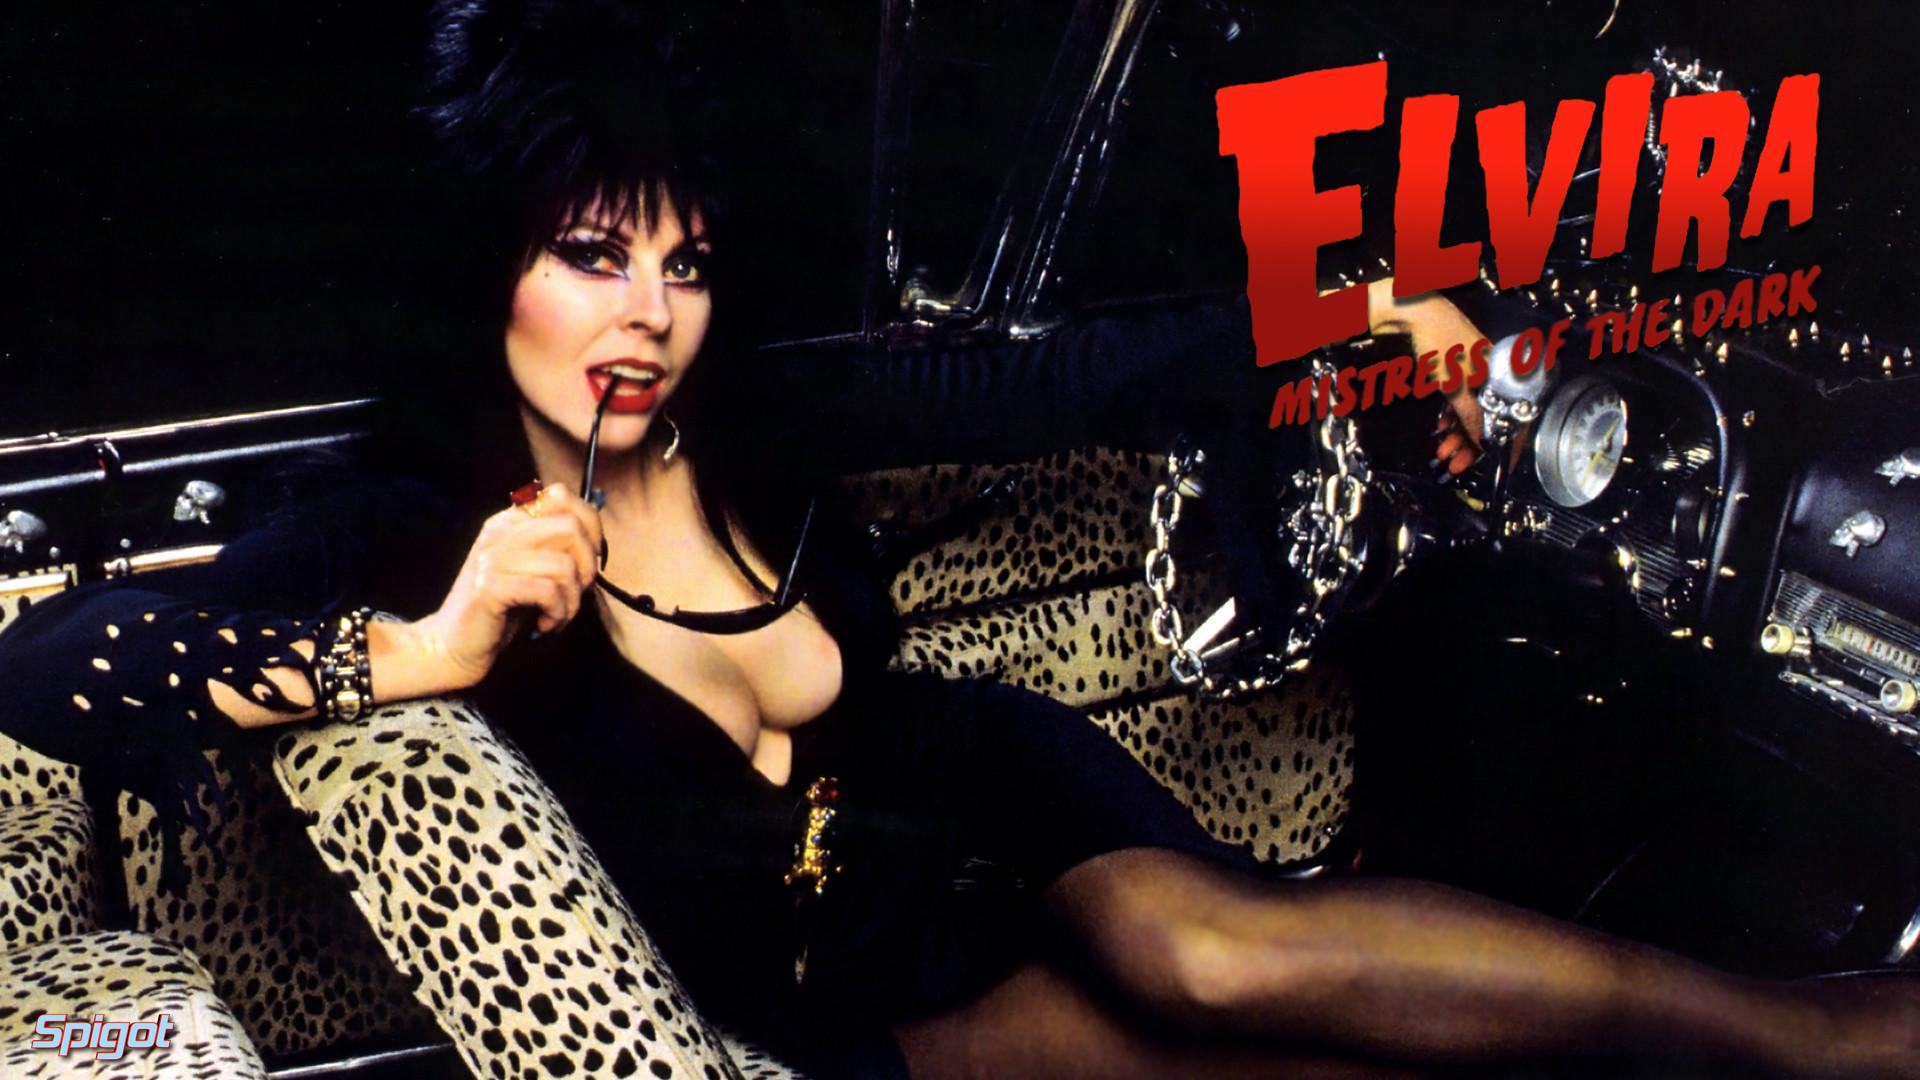 Elvira Mistress Of The Dark Wallpaper Another elvira wallpaper for